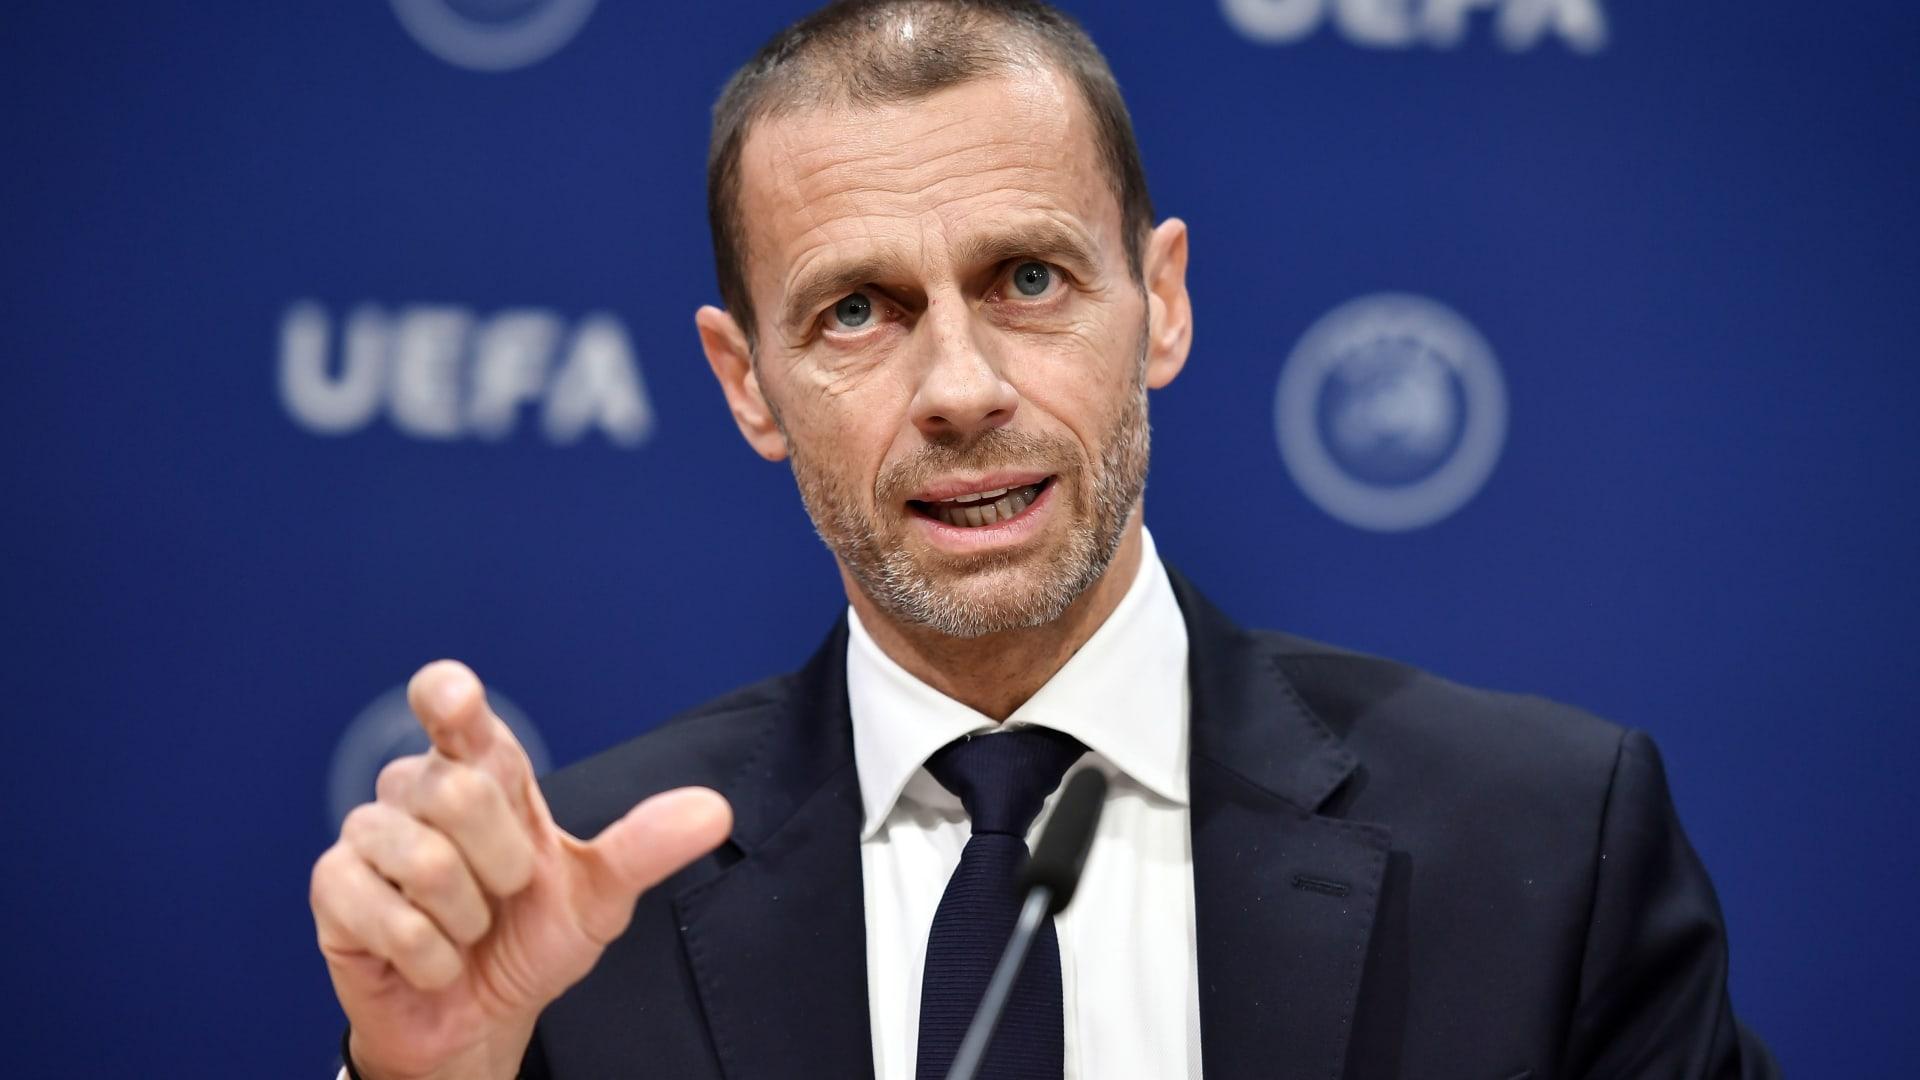 الاتحاد الأوروبي لكرة القدم يؤجل يورو 2020 للعام التالي بسبب فيروس كورونا